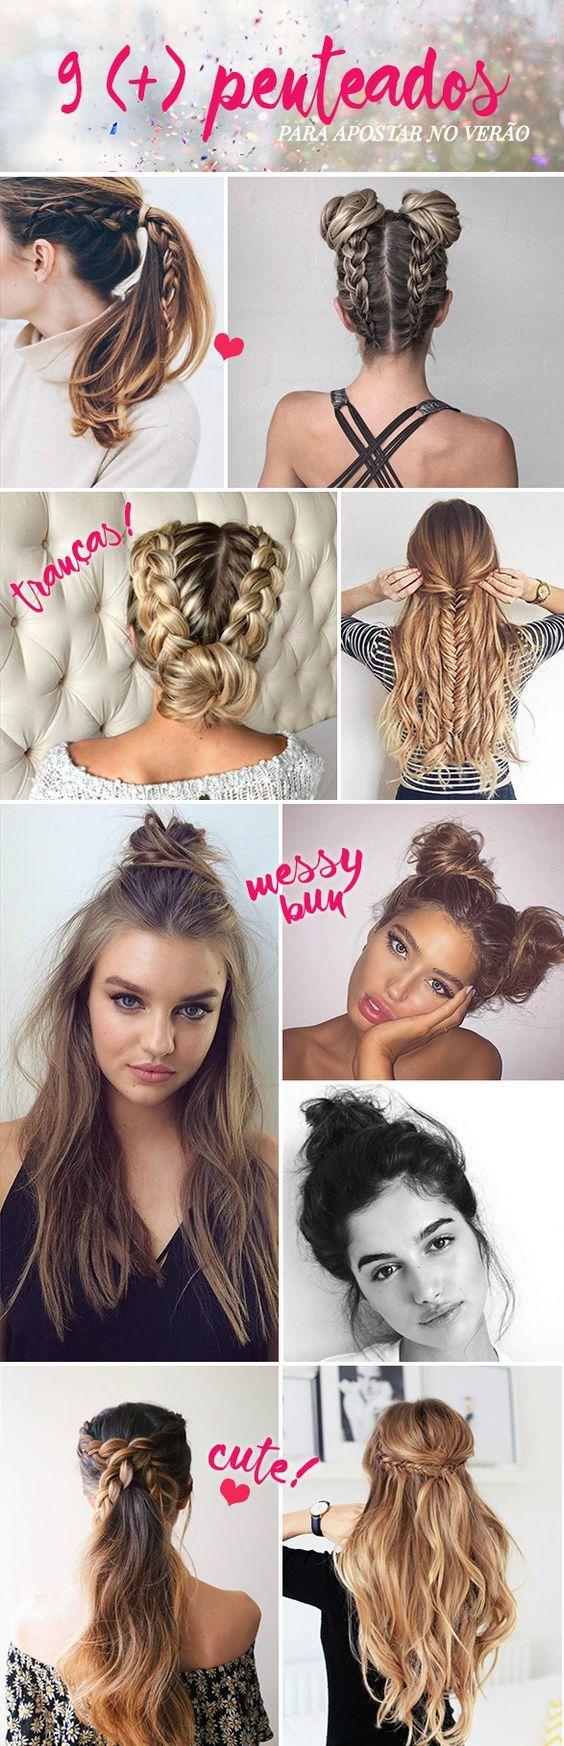 penteados para apostar no verão peinados pinterest hair